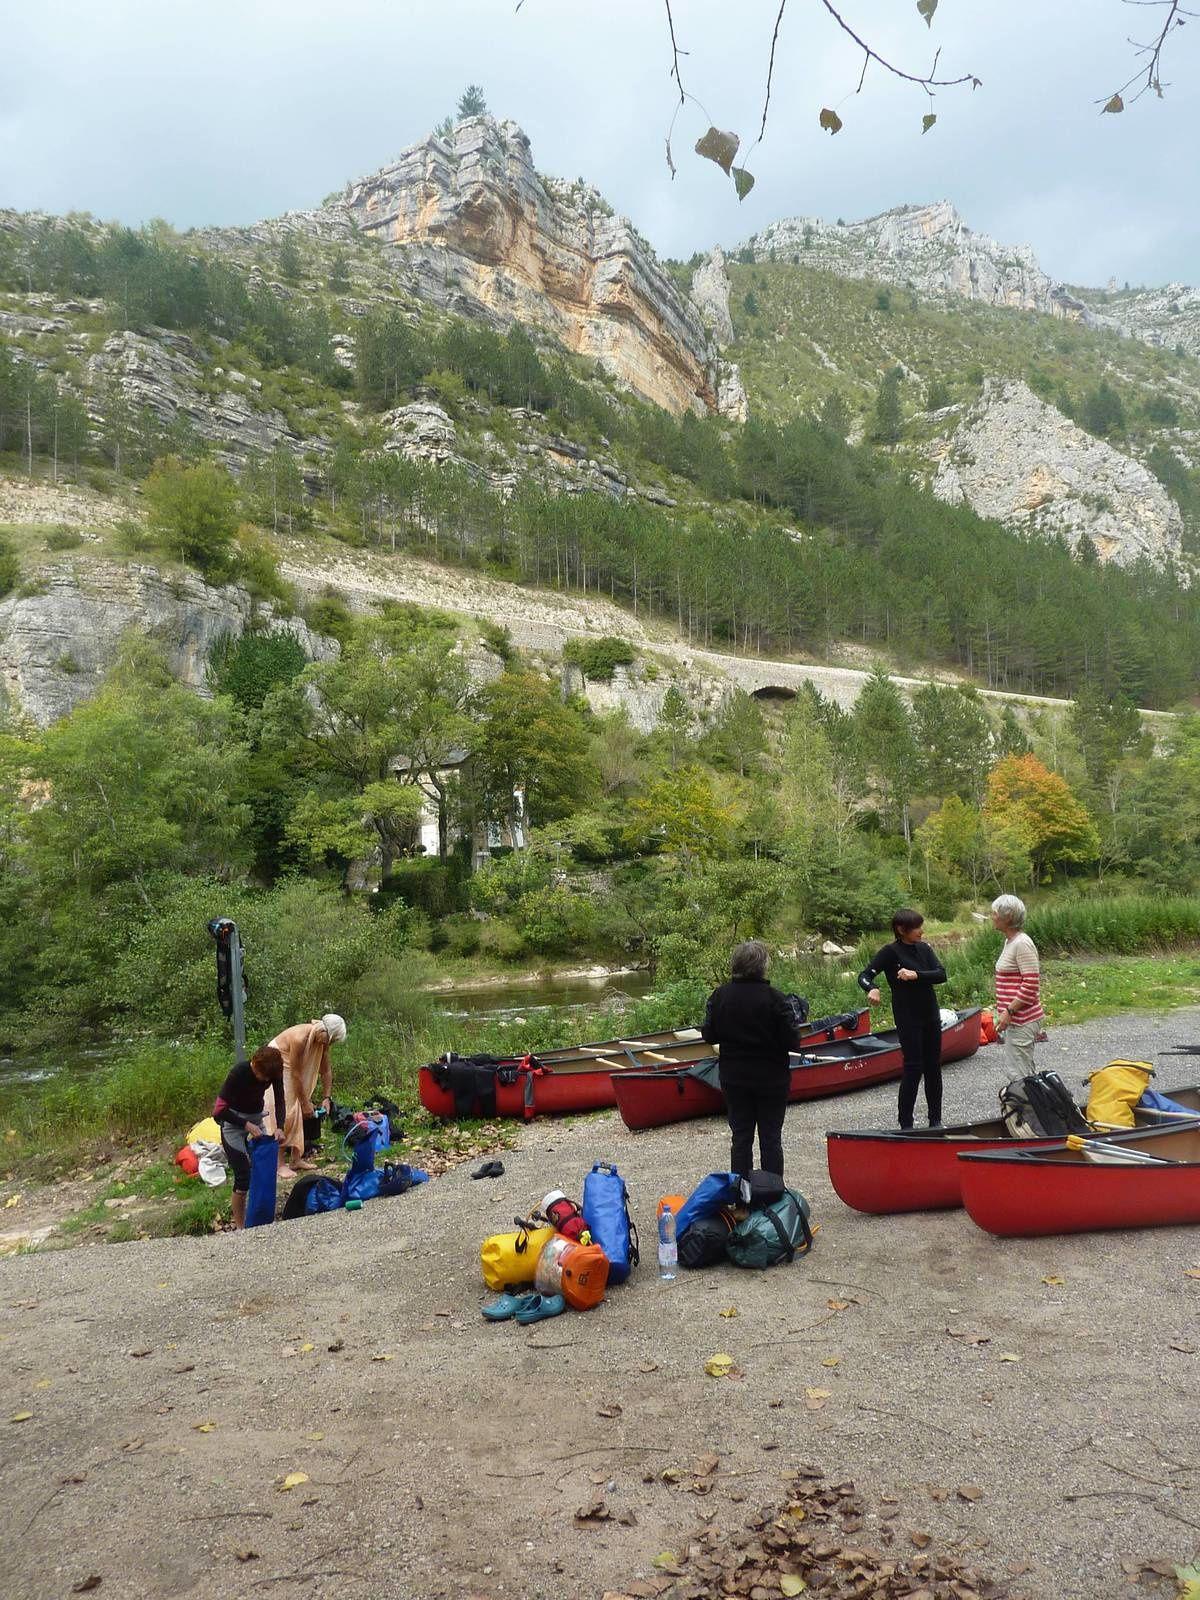 Aventures cévenoles (2) : Canoë sur le Tarn, jour 1